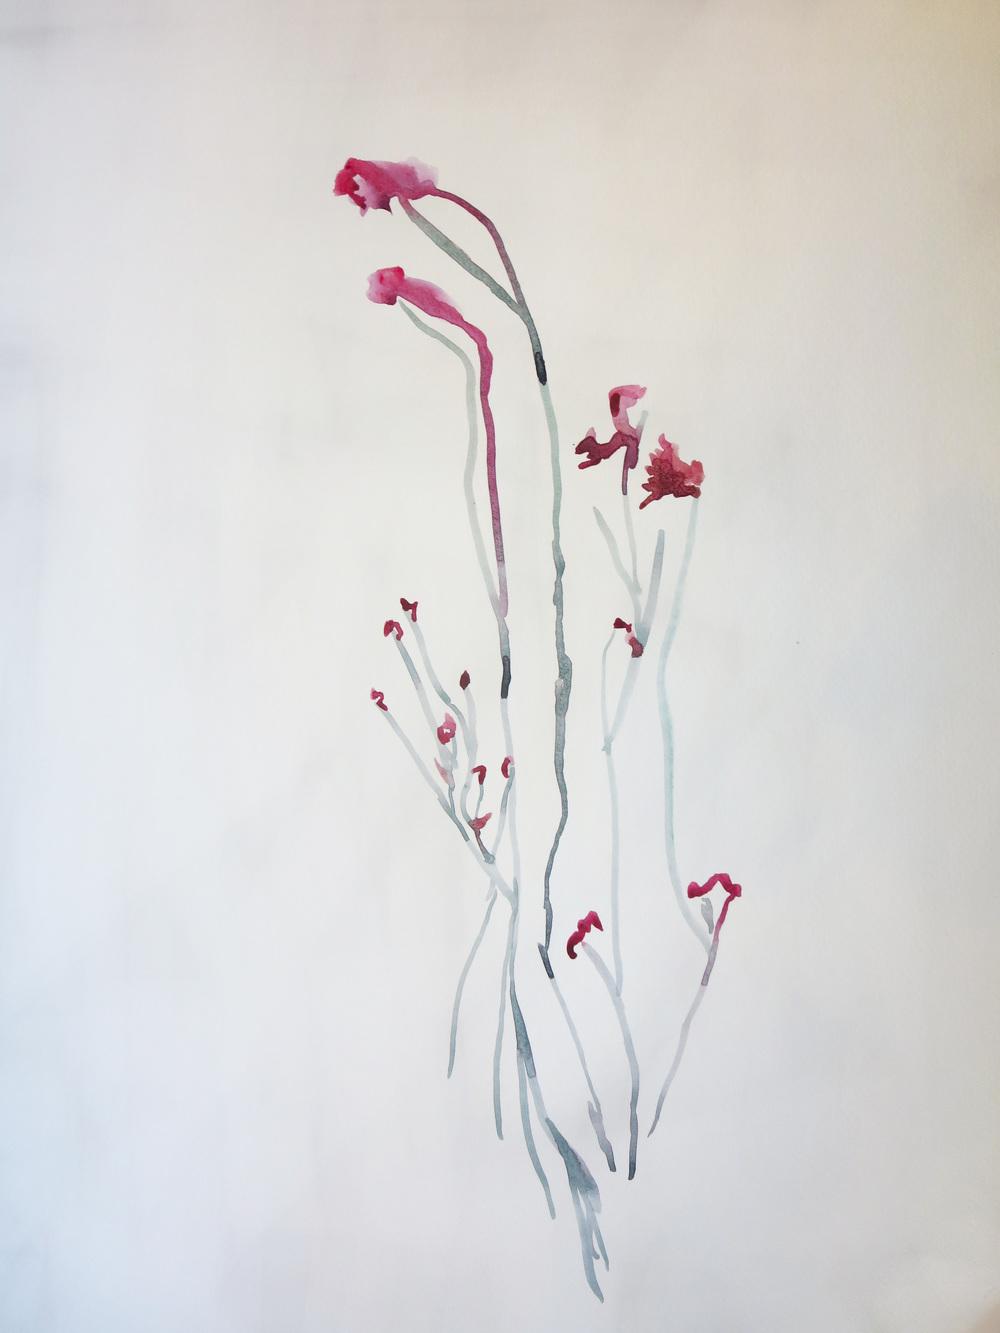 eros painting peinture_40.jpg